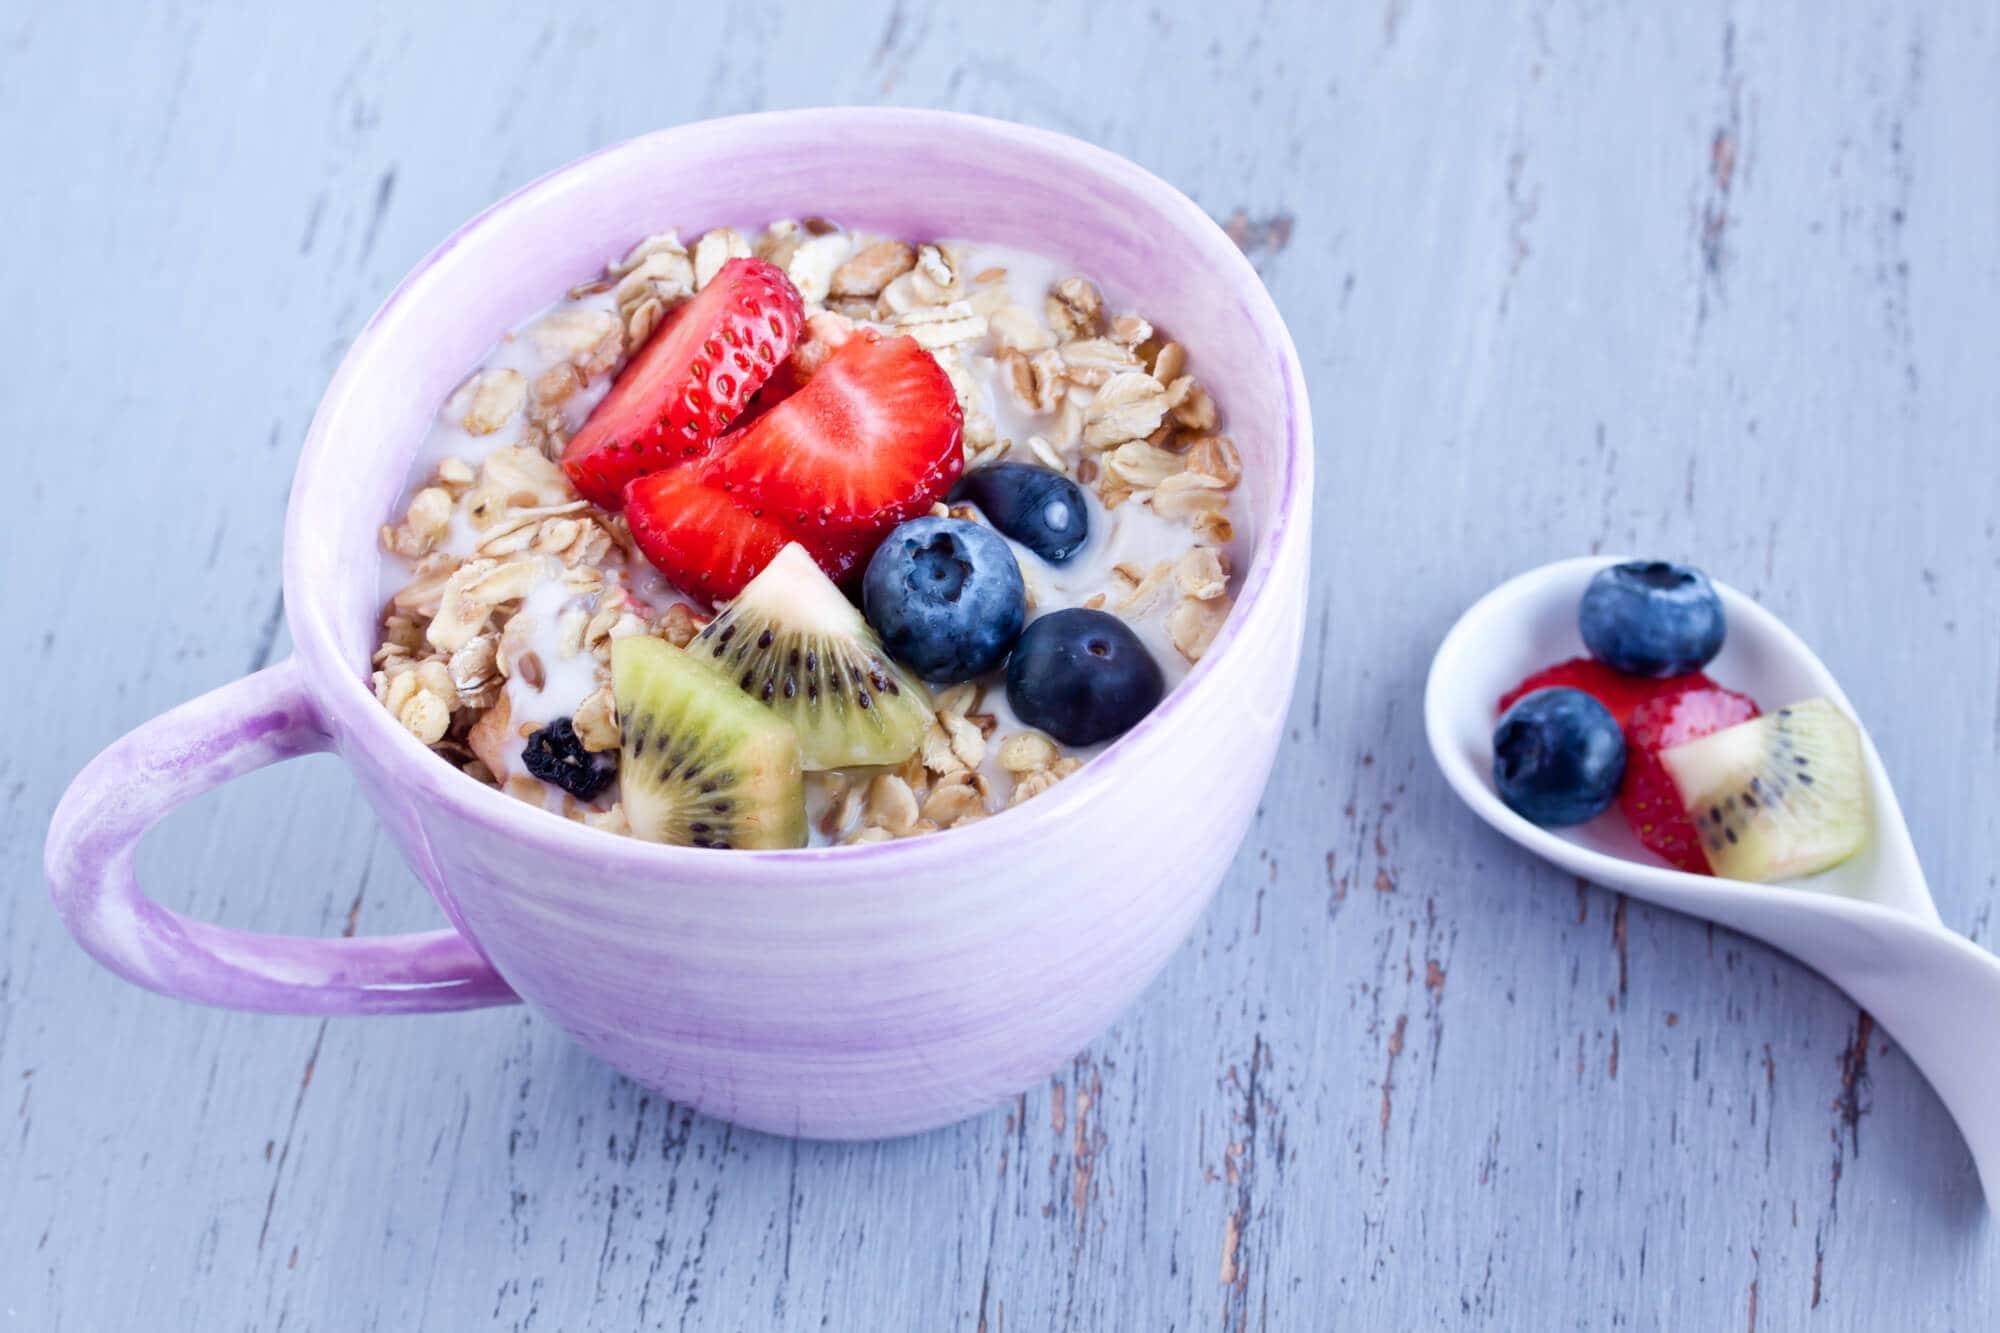 Овсянка для похудения по утрам и рецепты